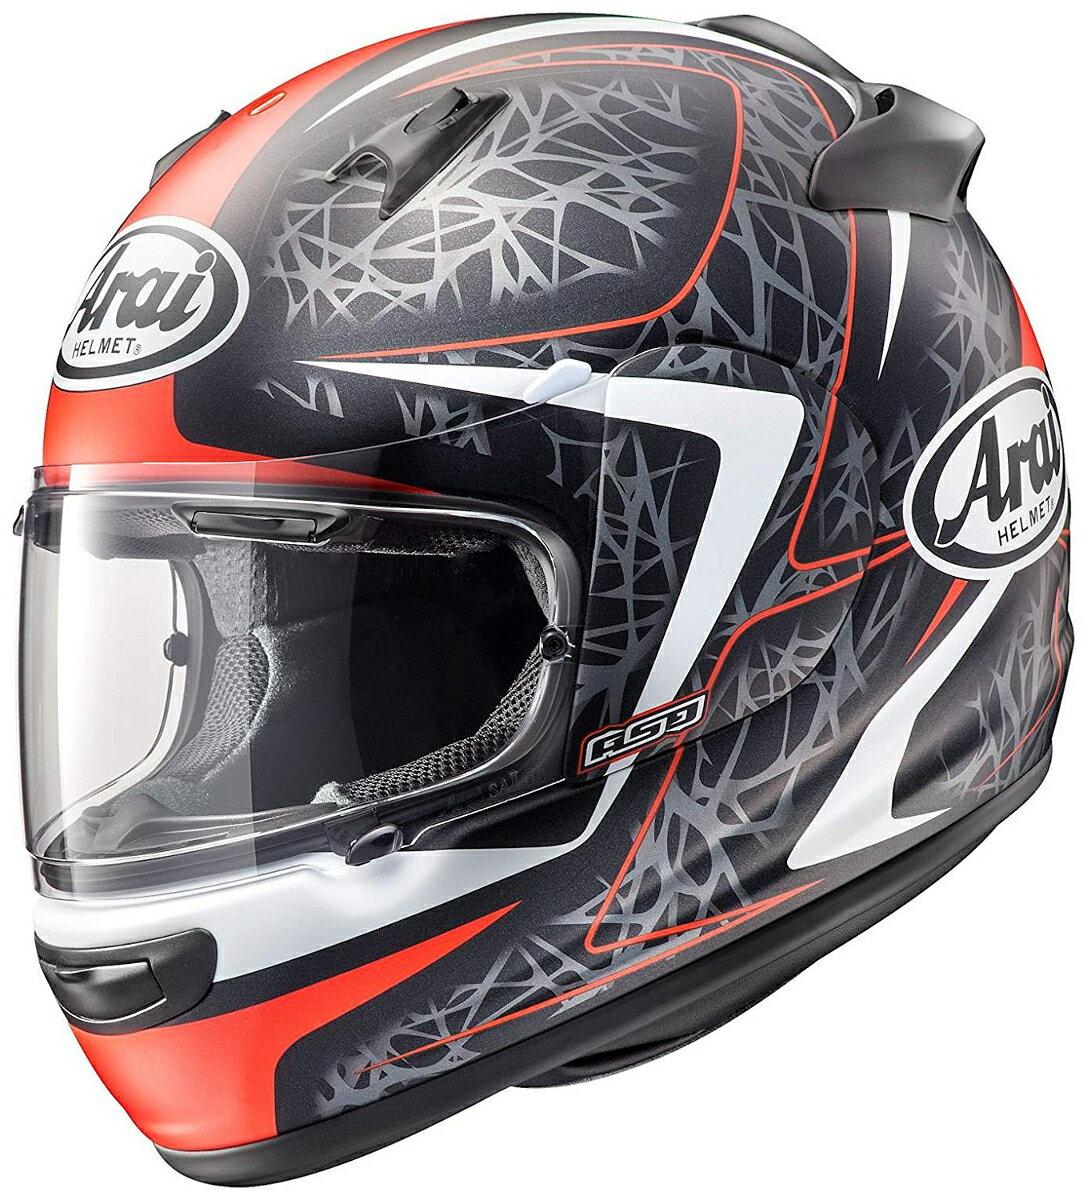 ARAI フルフェイスヘルメット QUANTUM-J STING (スティング) レッド XLサイズ 61-62cm